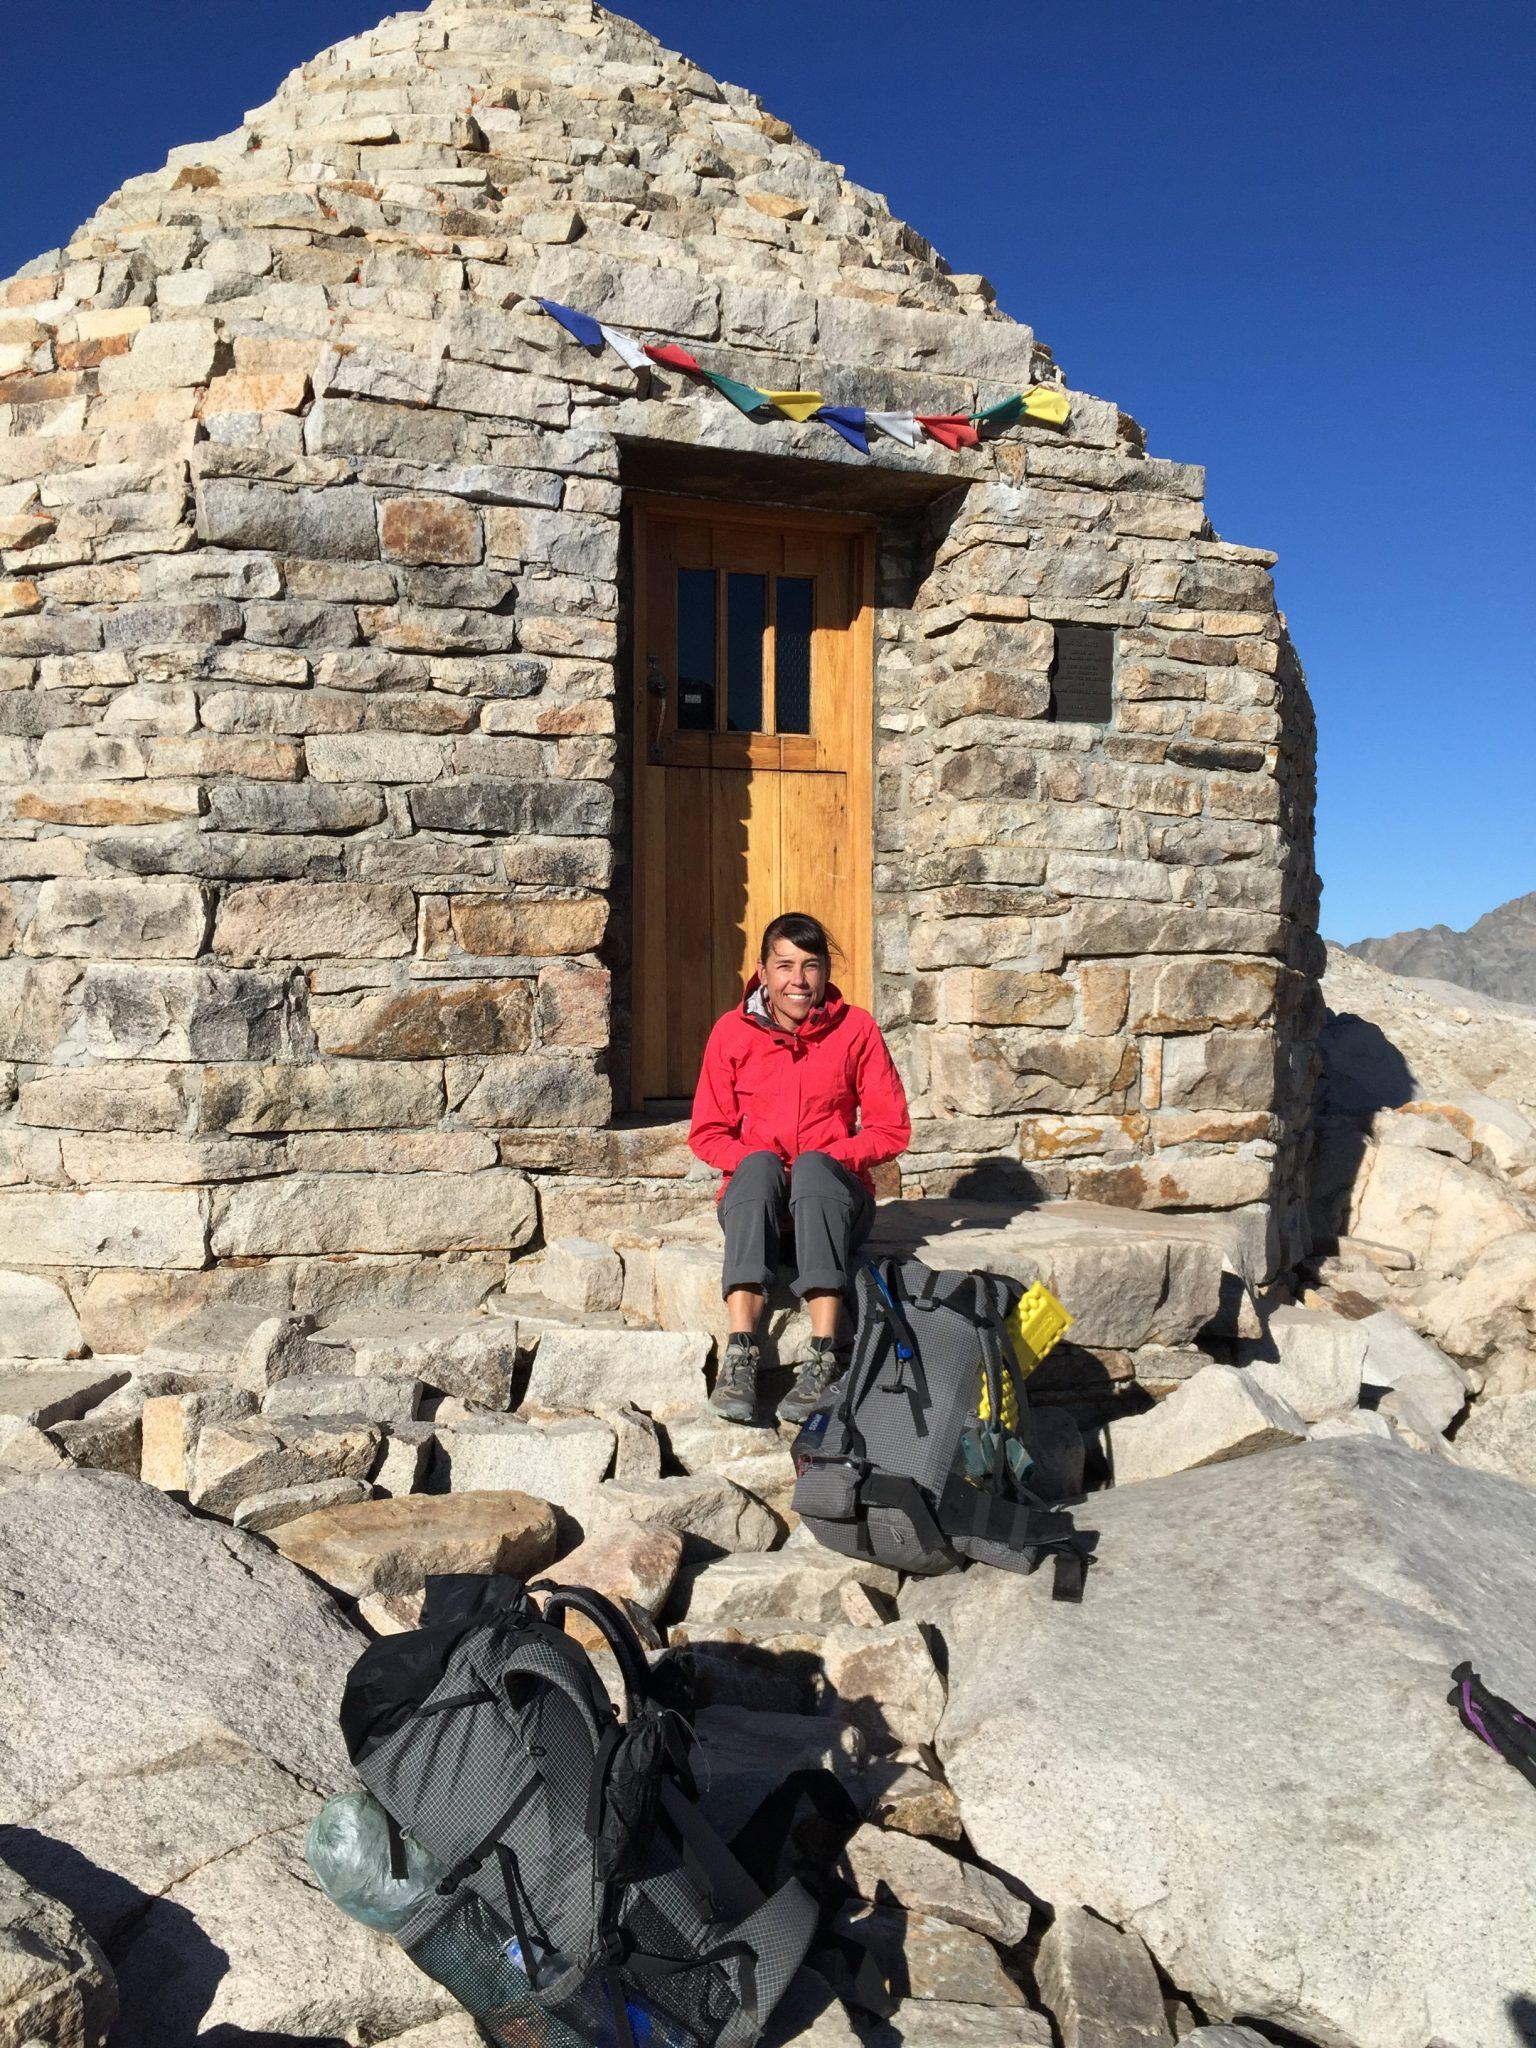 Muir Pass Shelter (1)